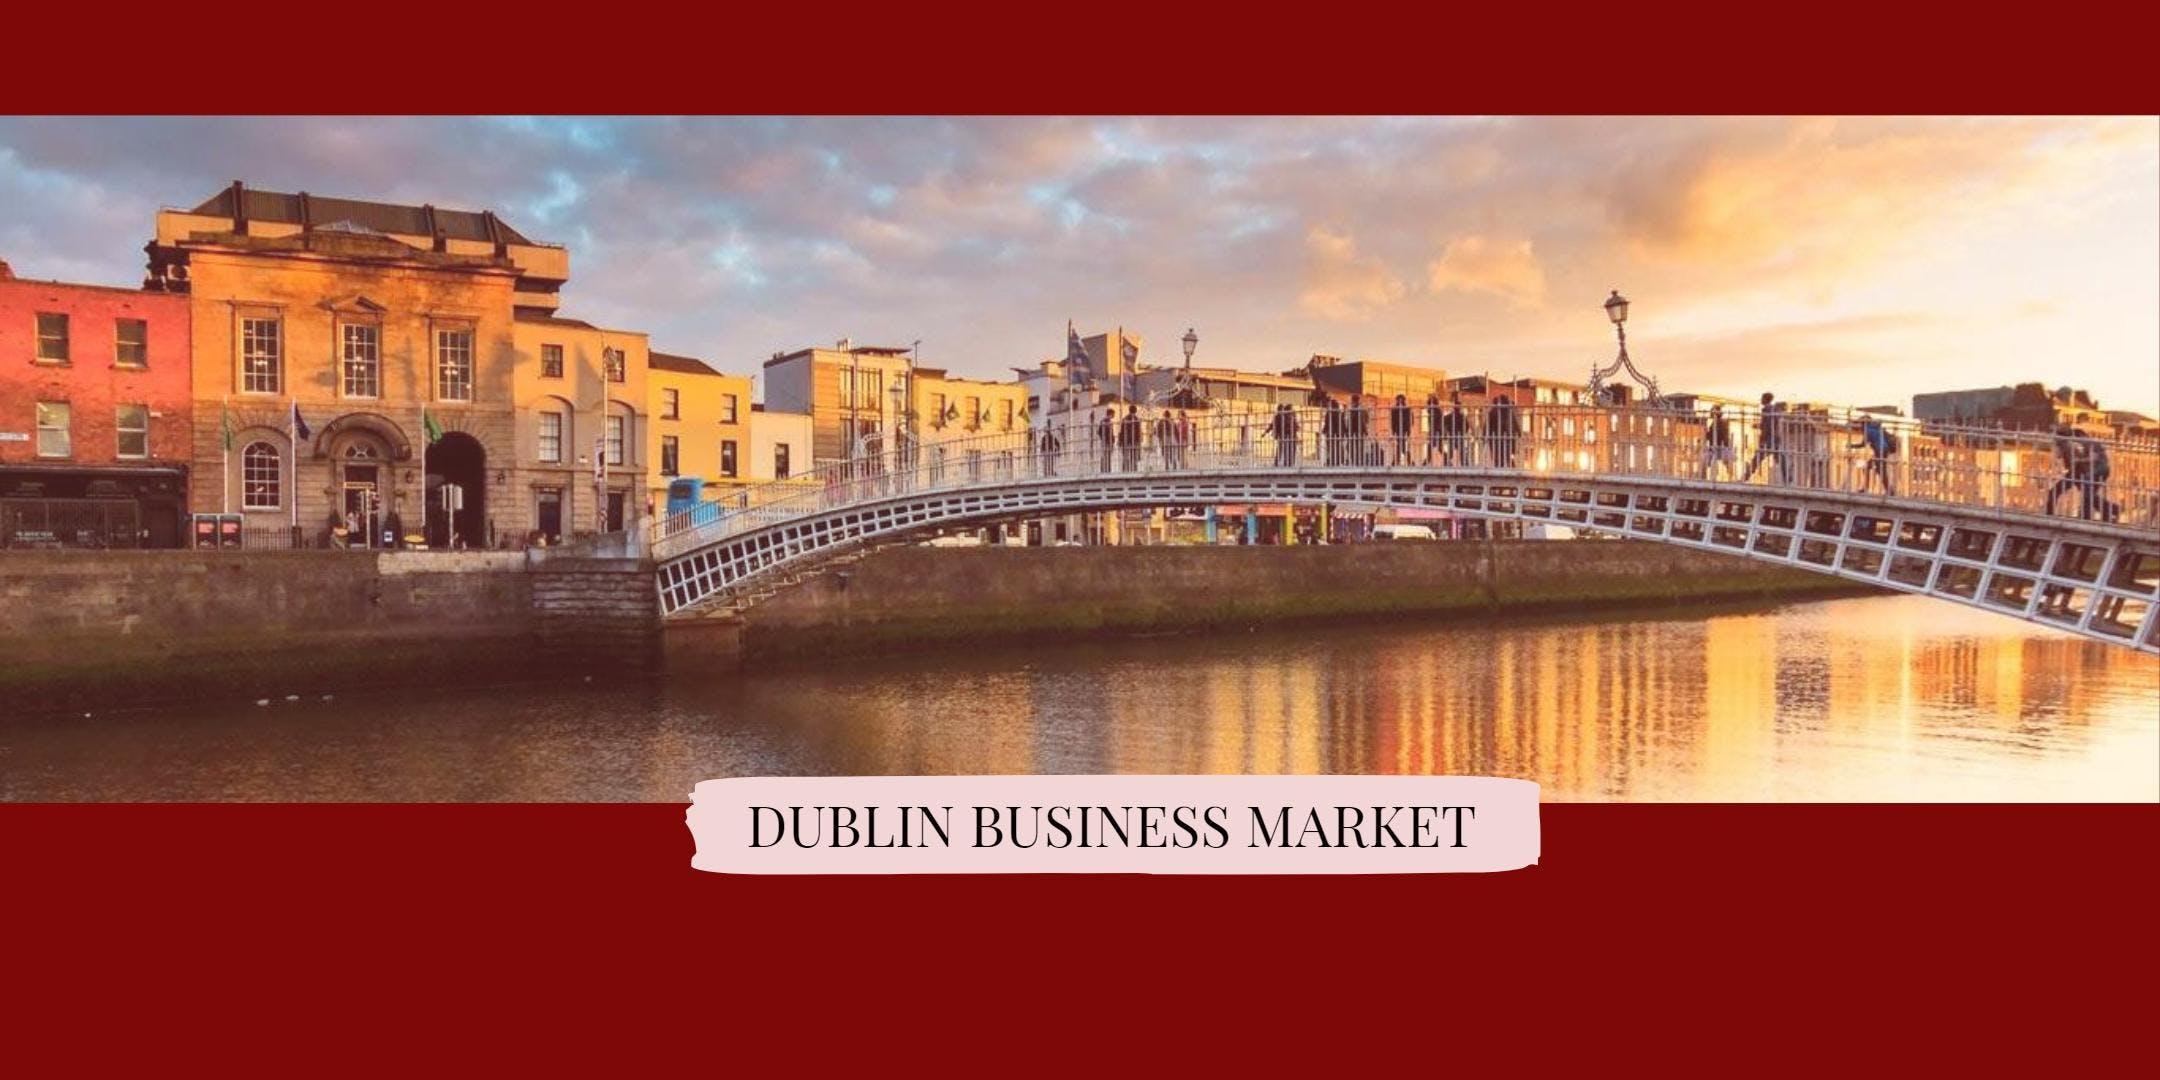 Dublin Business Market